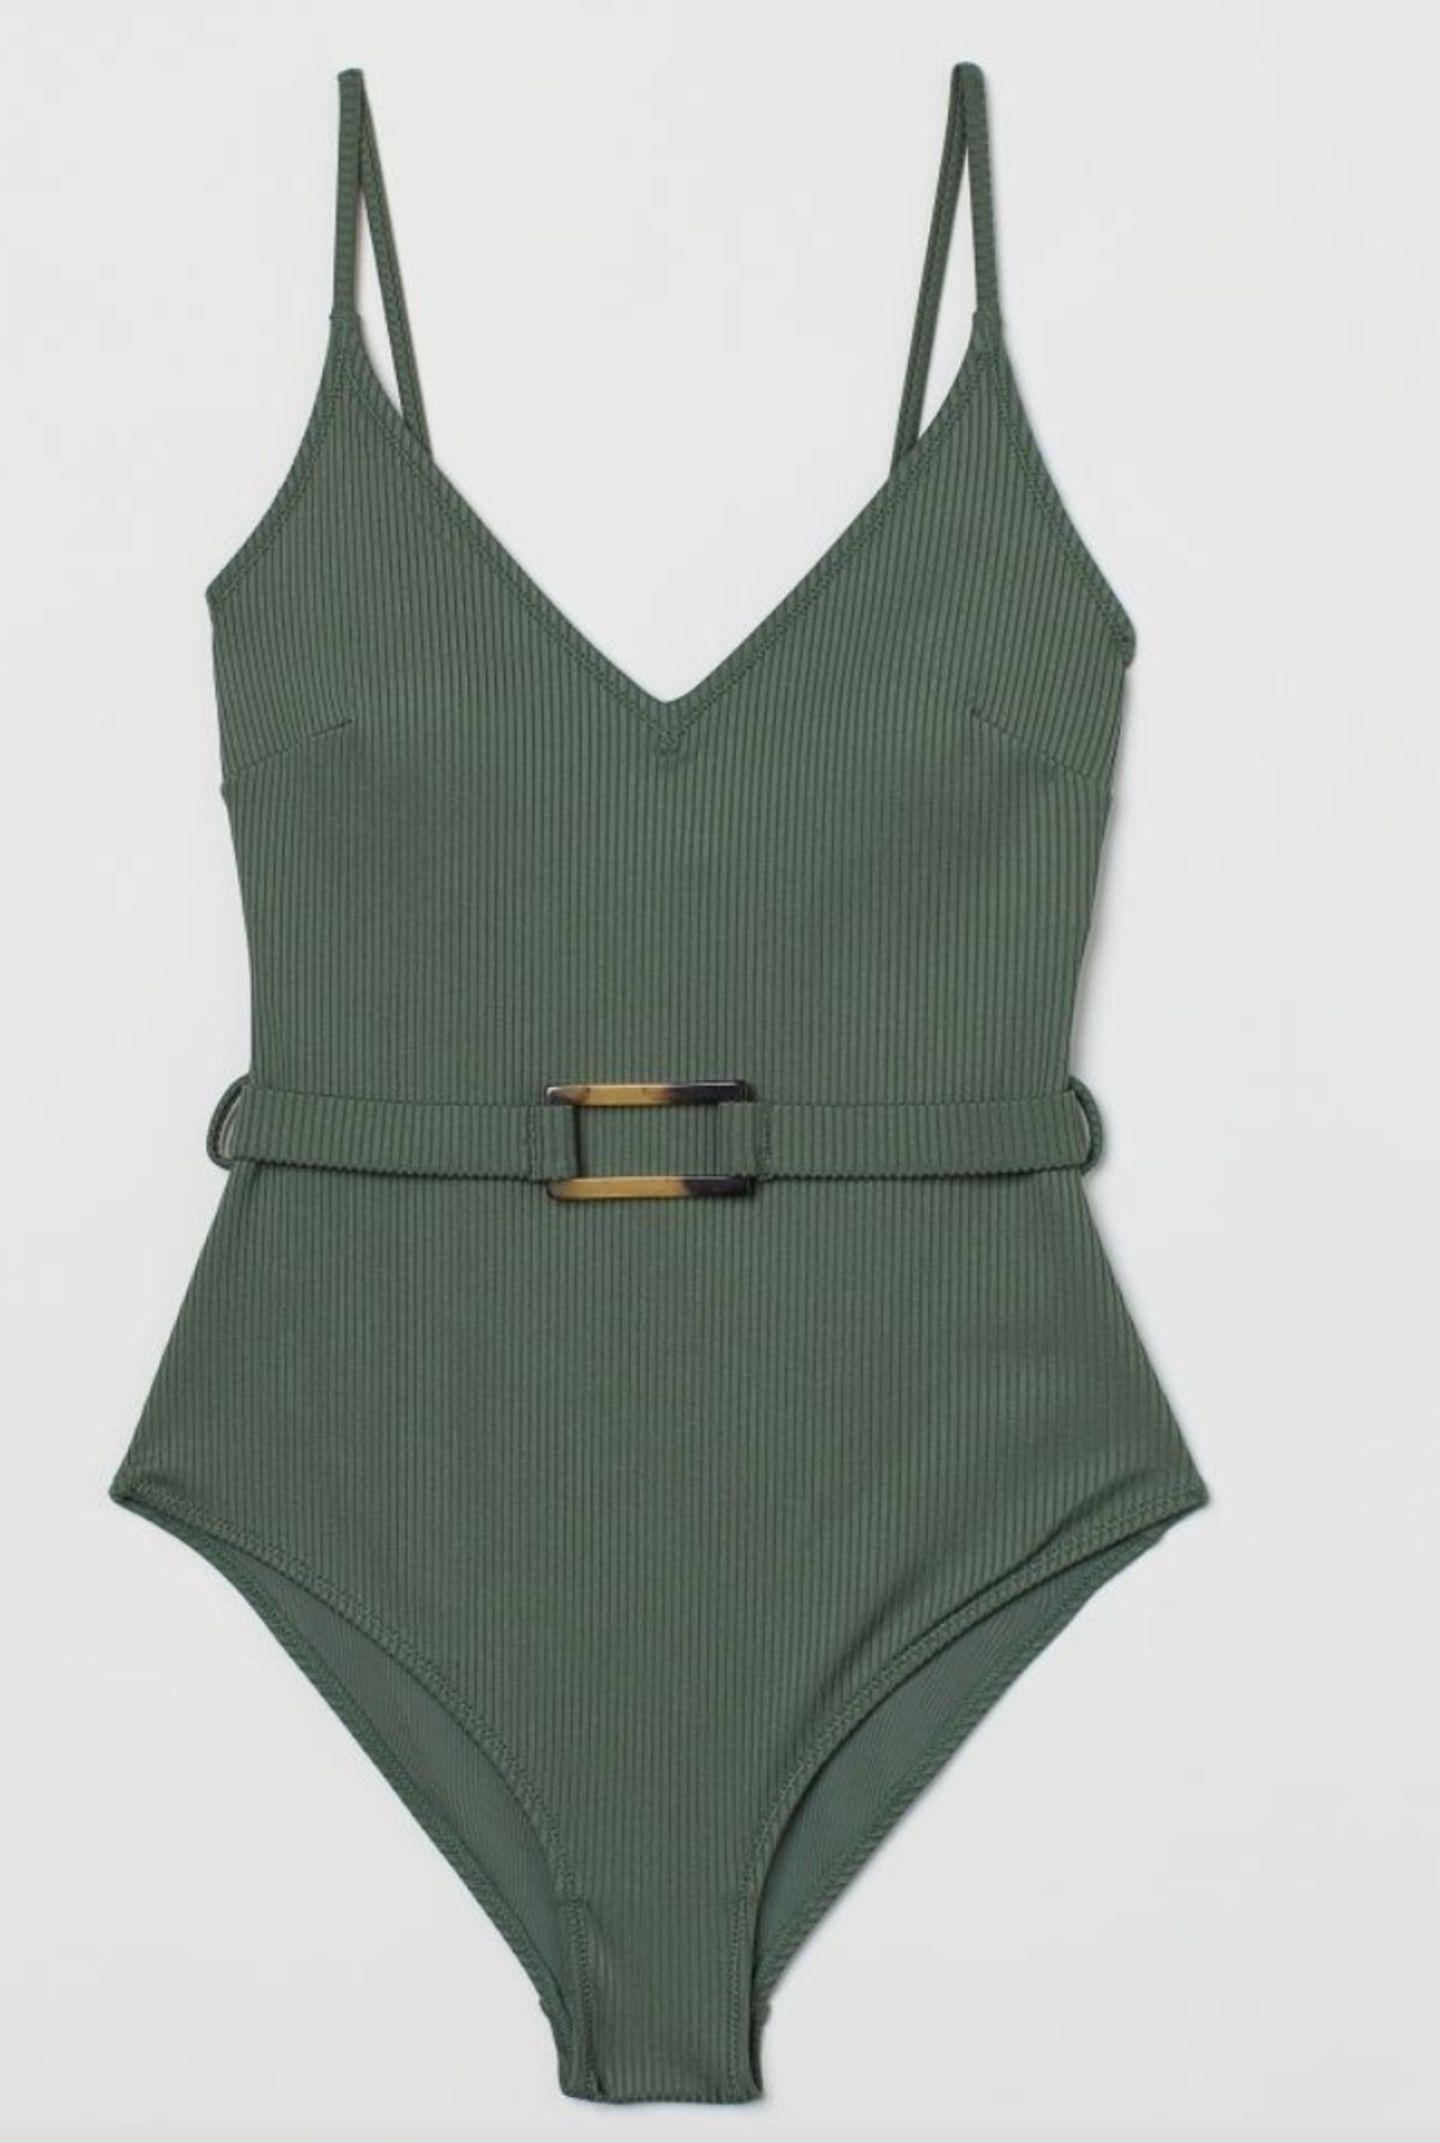 Die Badesaison ist endlich da und mit ihr jede Menge tolle Swimwear, die unseren Urlaub oder das Sonnenbad auf Balkonien gleich noch schöner machen. Beweise gefällig? Wie wäre es mit diesem olivegrünen Badeanzug mit Taillengürtel? Von H&M, um 30 Euro.